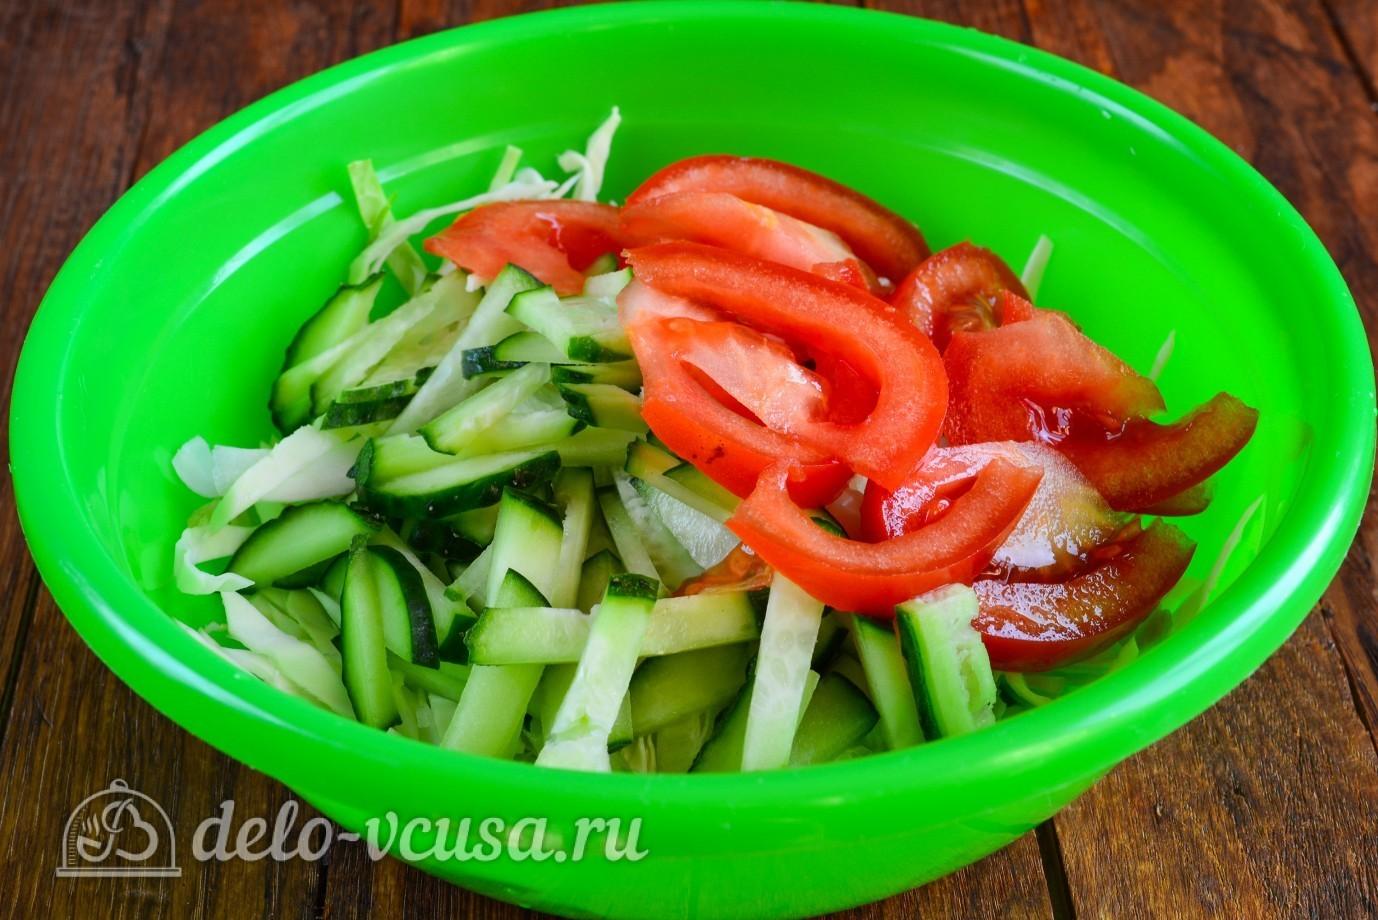 рецепт салата из помидоров и капусты